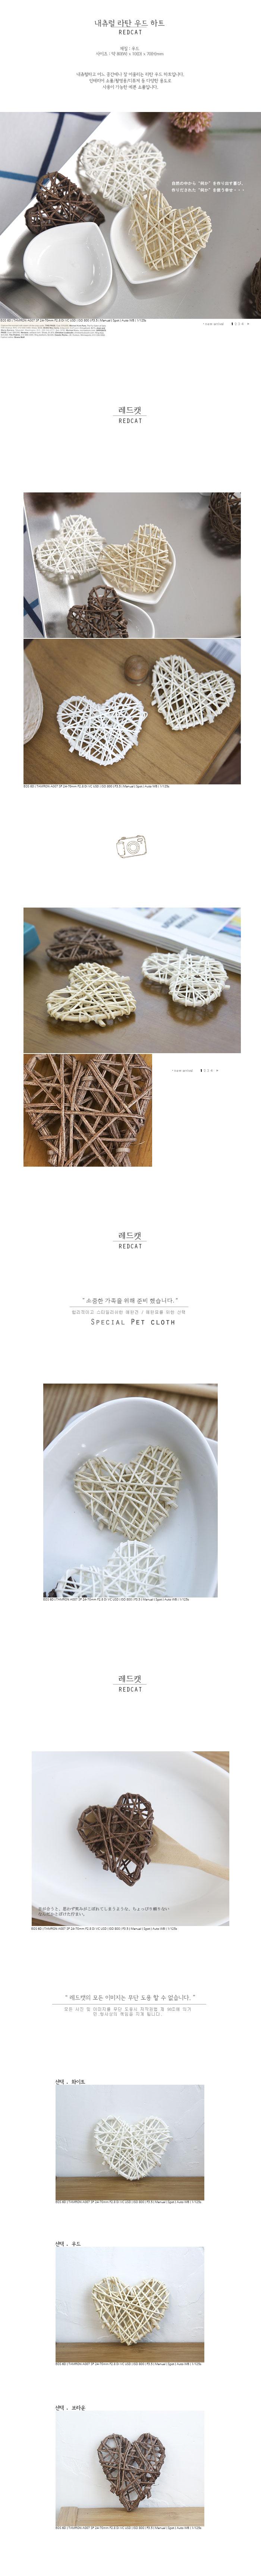 내츄럴 라탄 우드 하트 - 네코리빙, 880원, 장식소품, 엔틱오브제